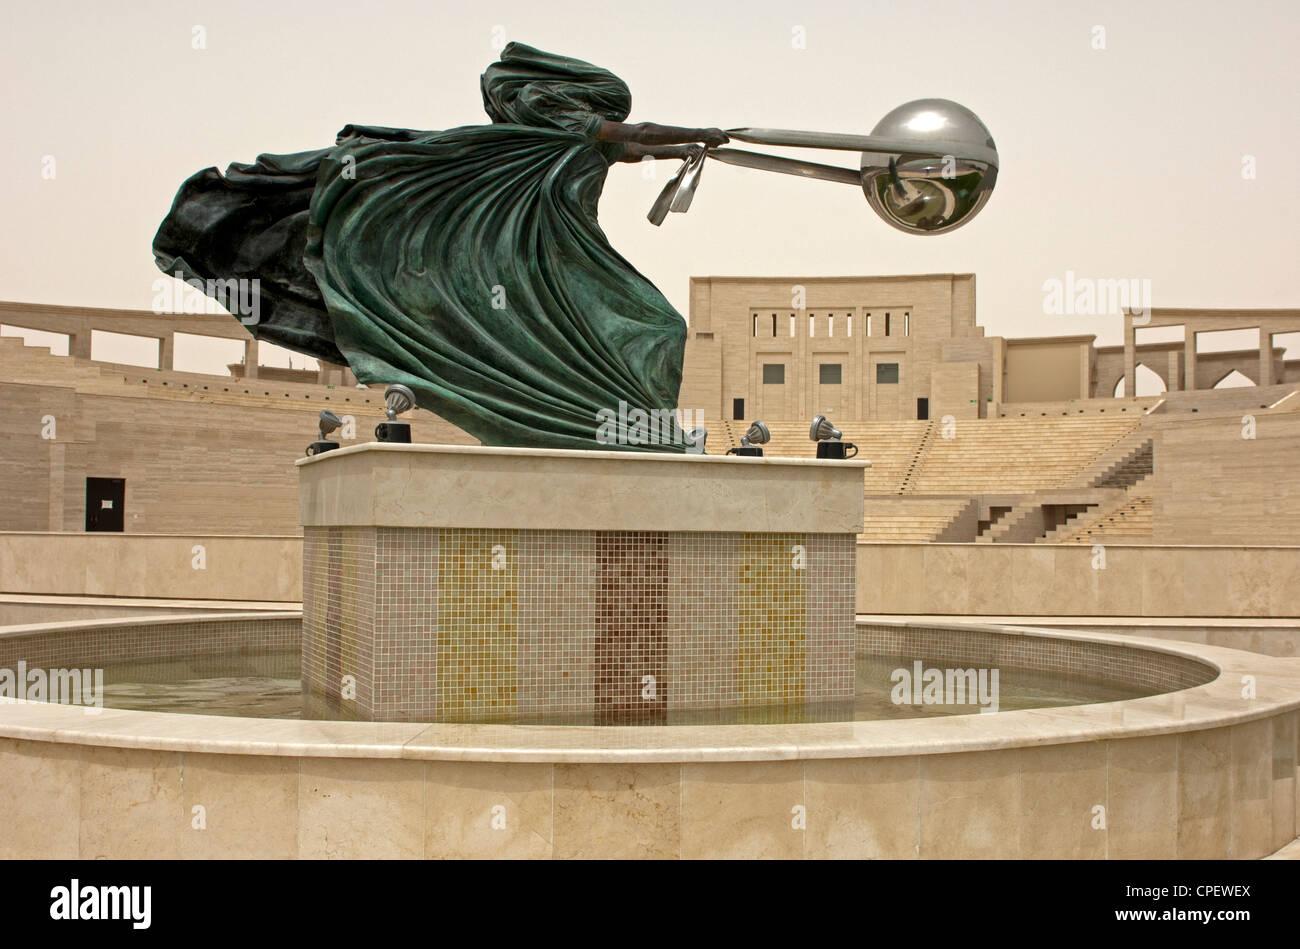 Force de la nature de la sculpture par Lorenzo Quinn, Katara Cultural Village, Doha, Qatar Photo Stock